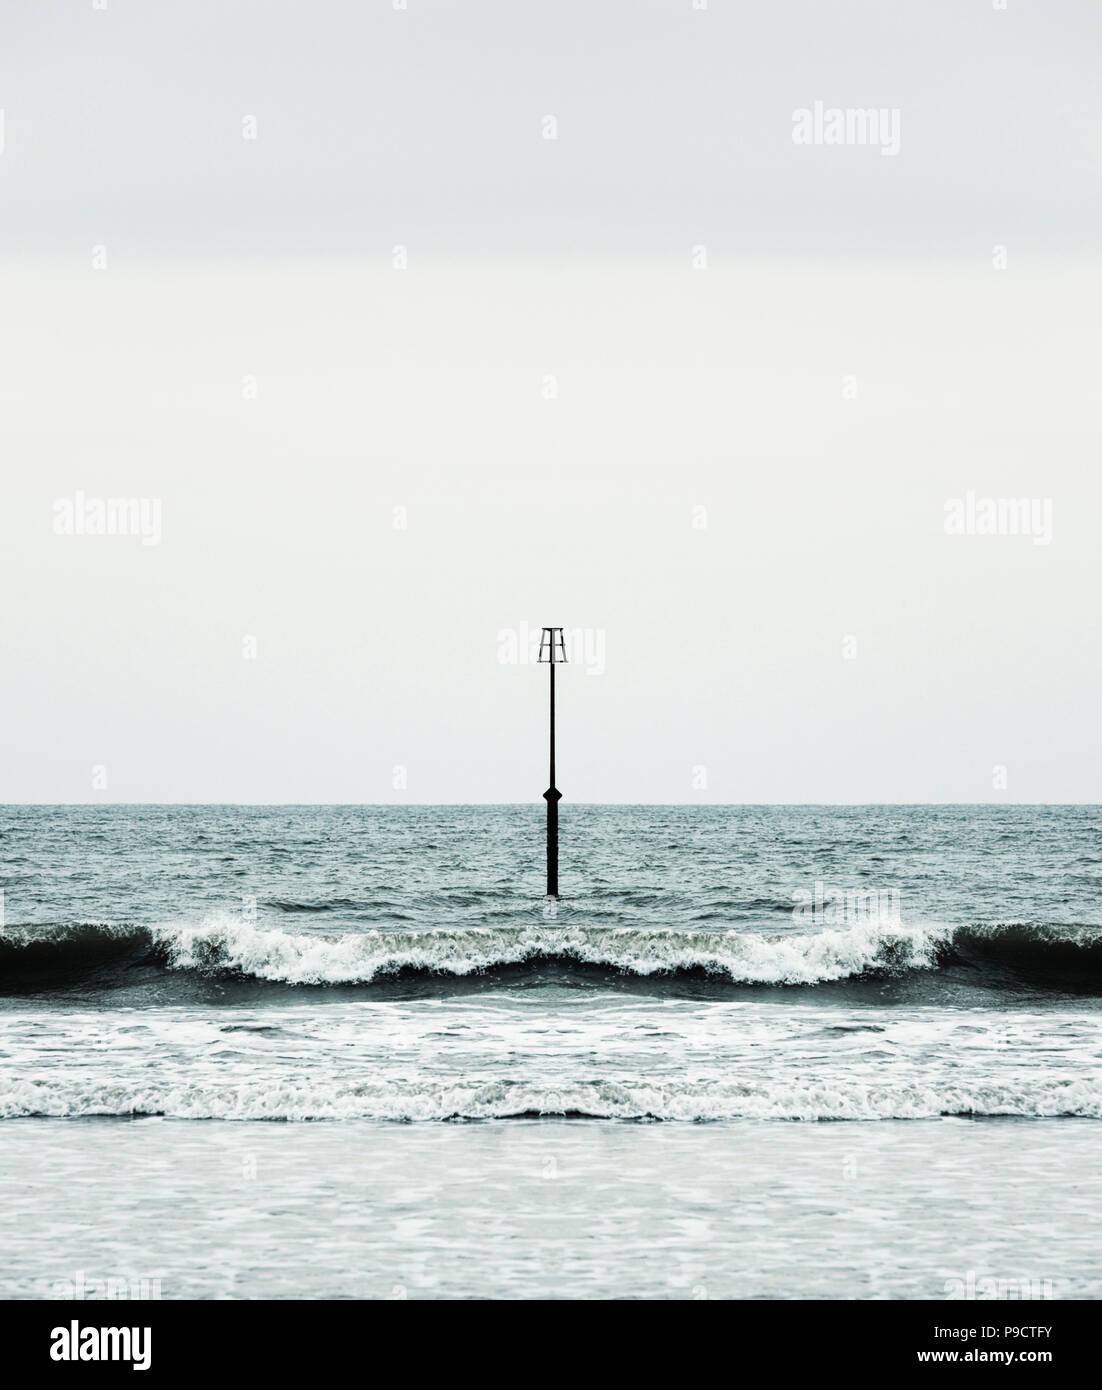 Wellen und die Brandung bricht auf einen Strand um ein groyne Beacon, England UK-symmetrie Konzept Stockbild